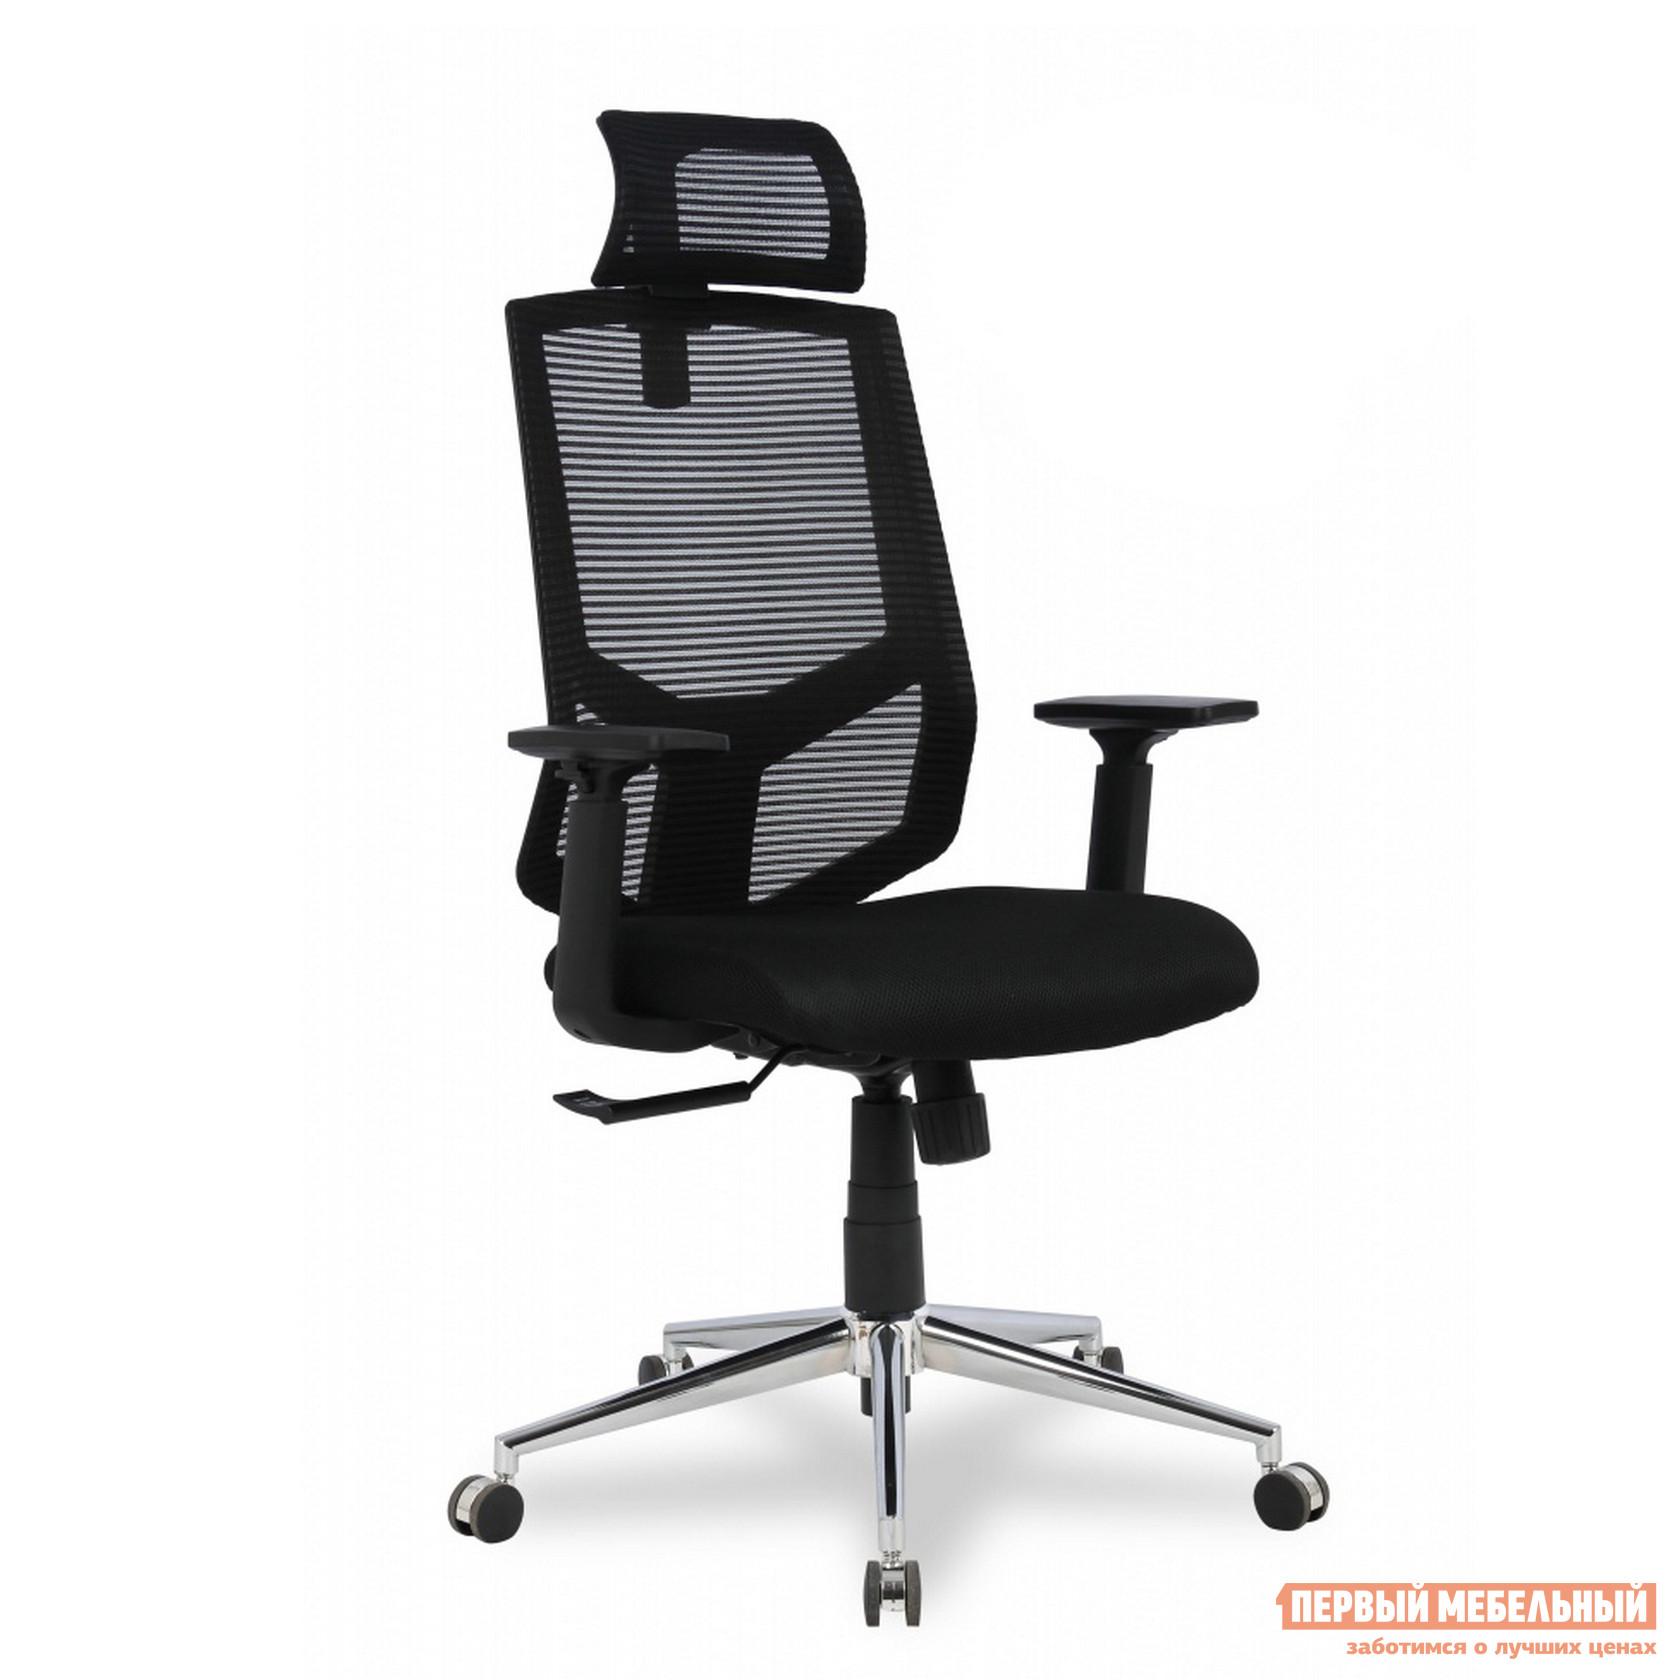 раздолье кресло офисное сатурн бордовое Офисное кресло College Кресло HLC-1500H